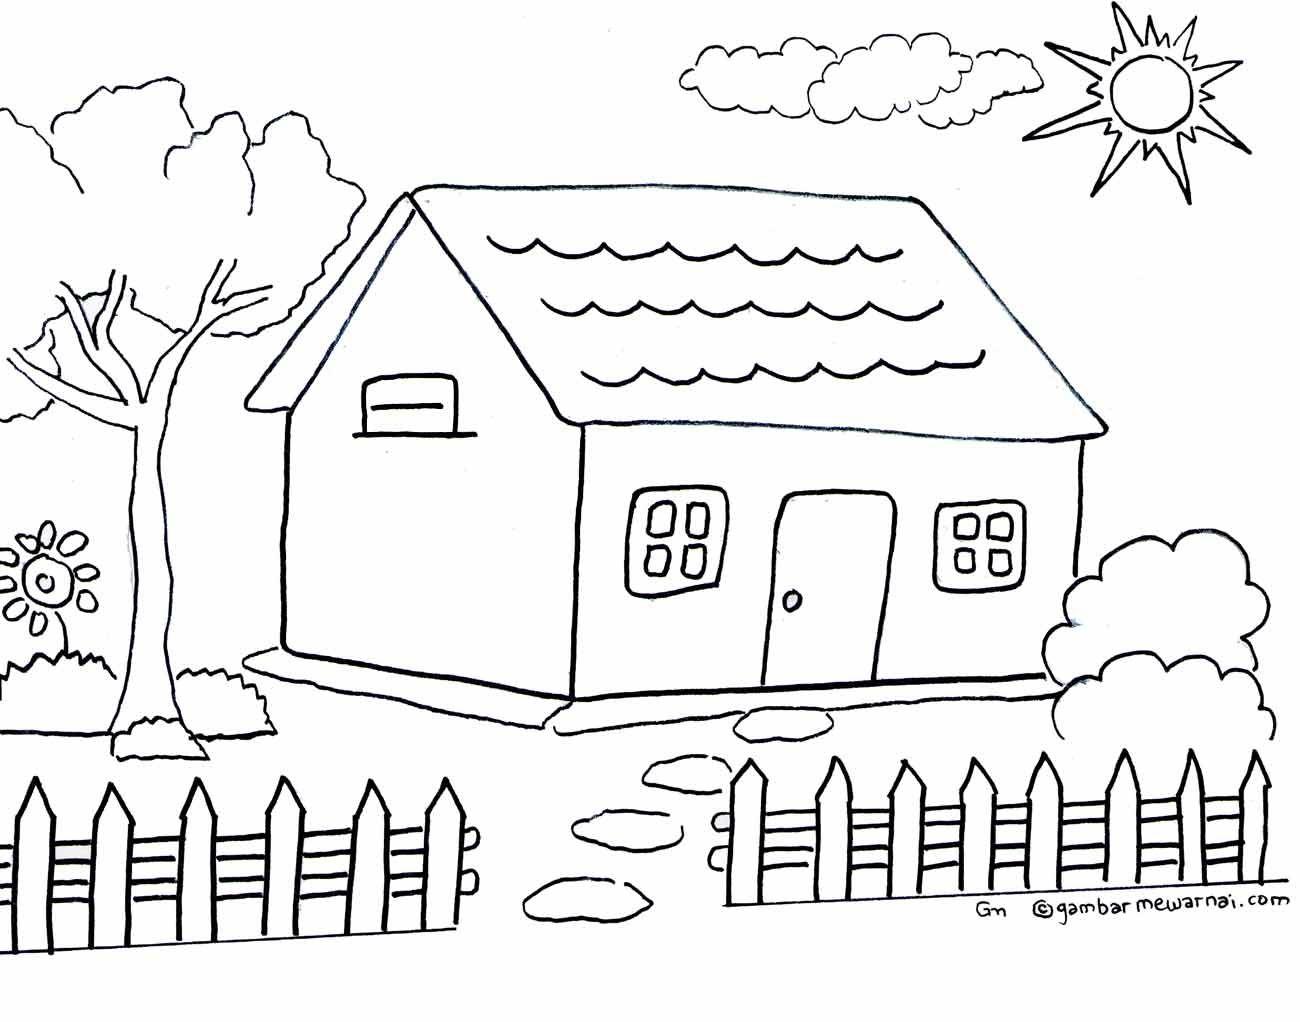 Mewarnai Gambar Rumah Sehat Mewarnai Cerita Terbaru Lucu Sedih Humor Kocak Romantis